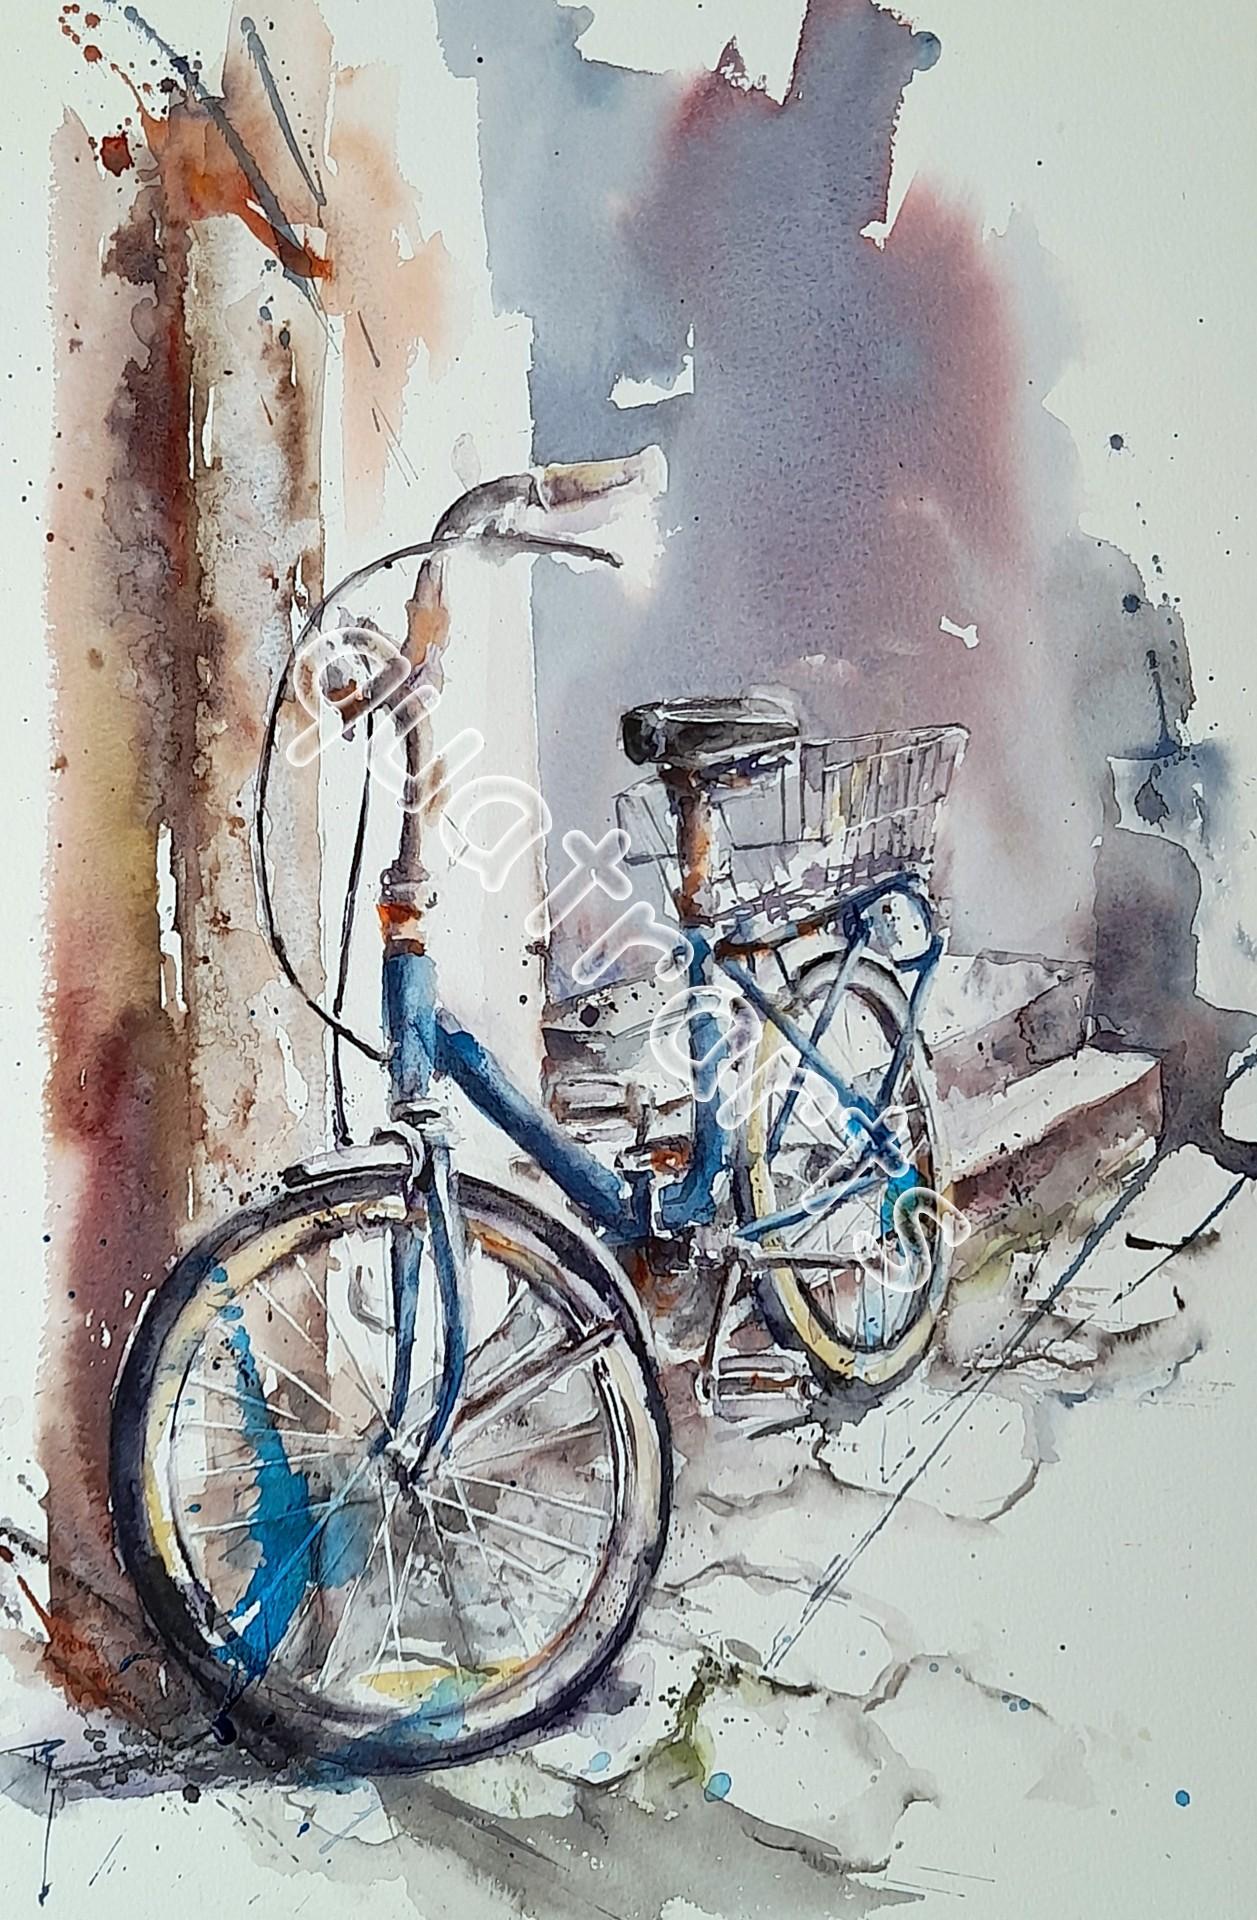 La bicyclette bleue 30 x 40 cm février 2021